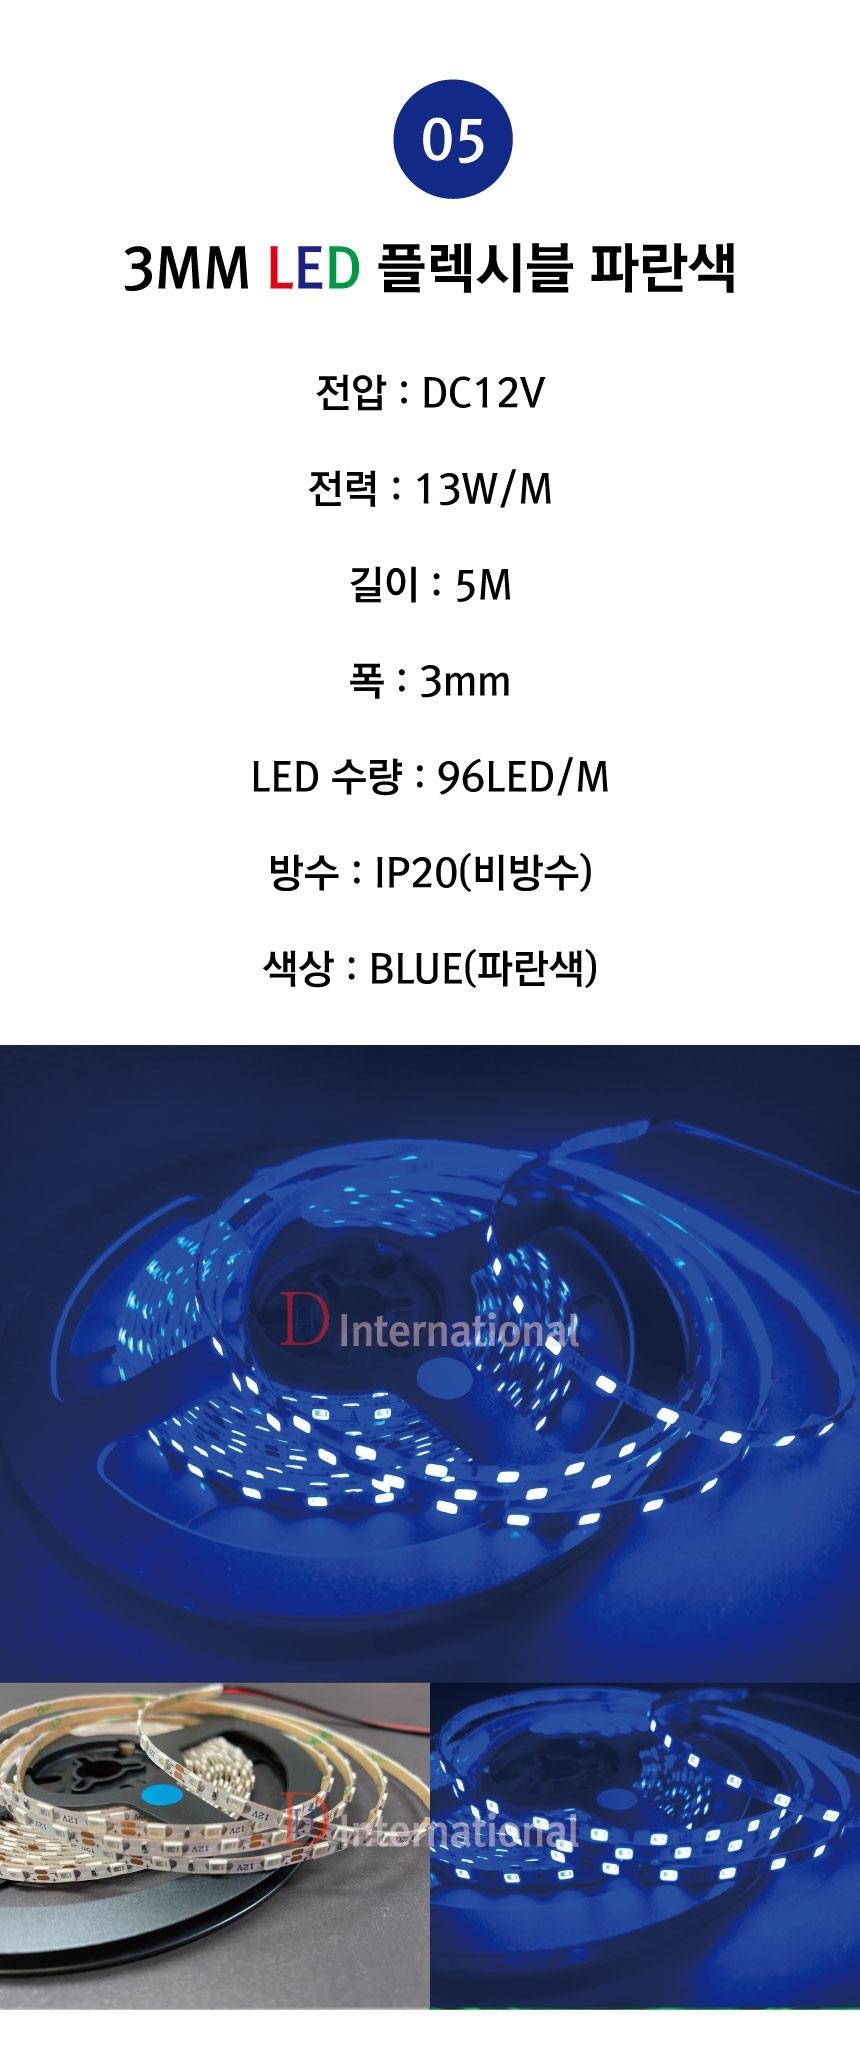 3mm-LED-STRIP-%ED%8C%8C%EB%9E%80%EC%83%8